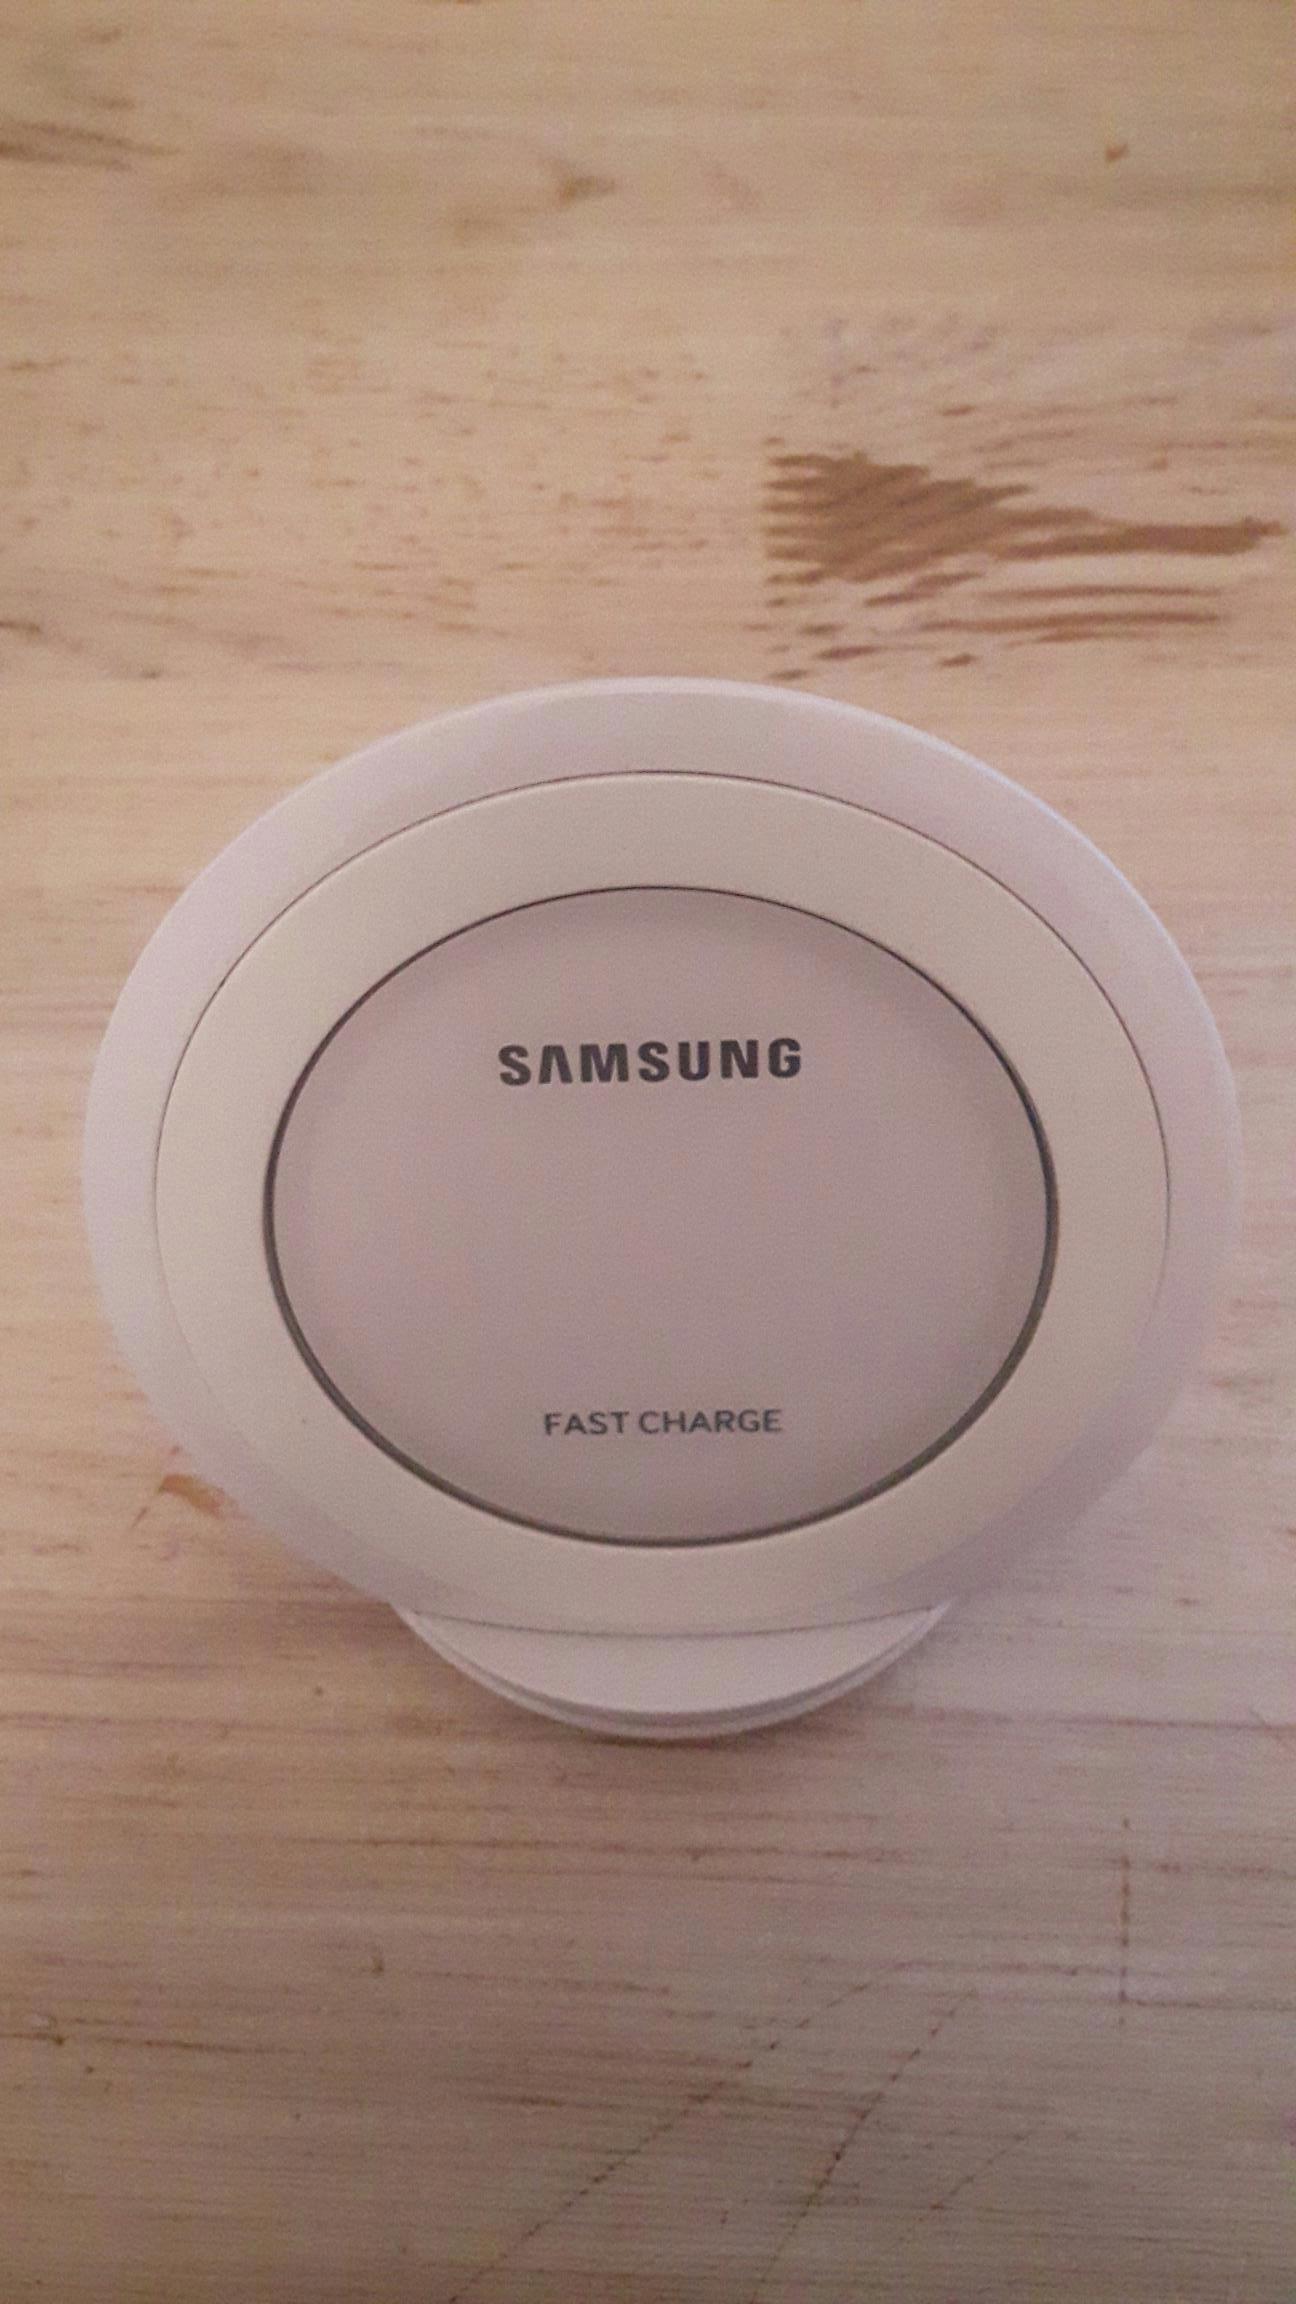 SAMSUNG FAST CHARGE EP-NG930